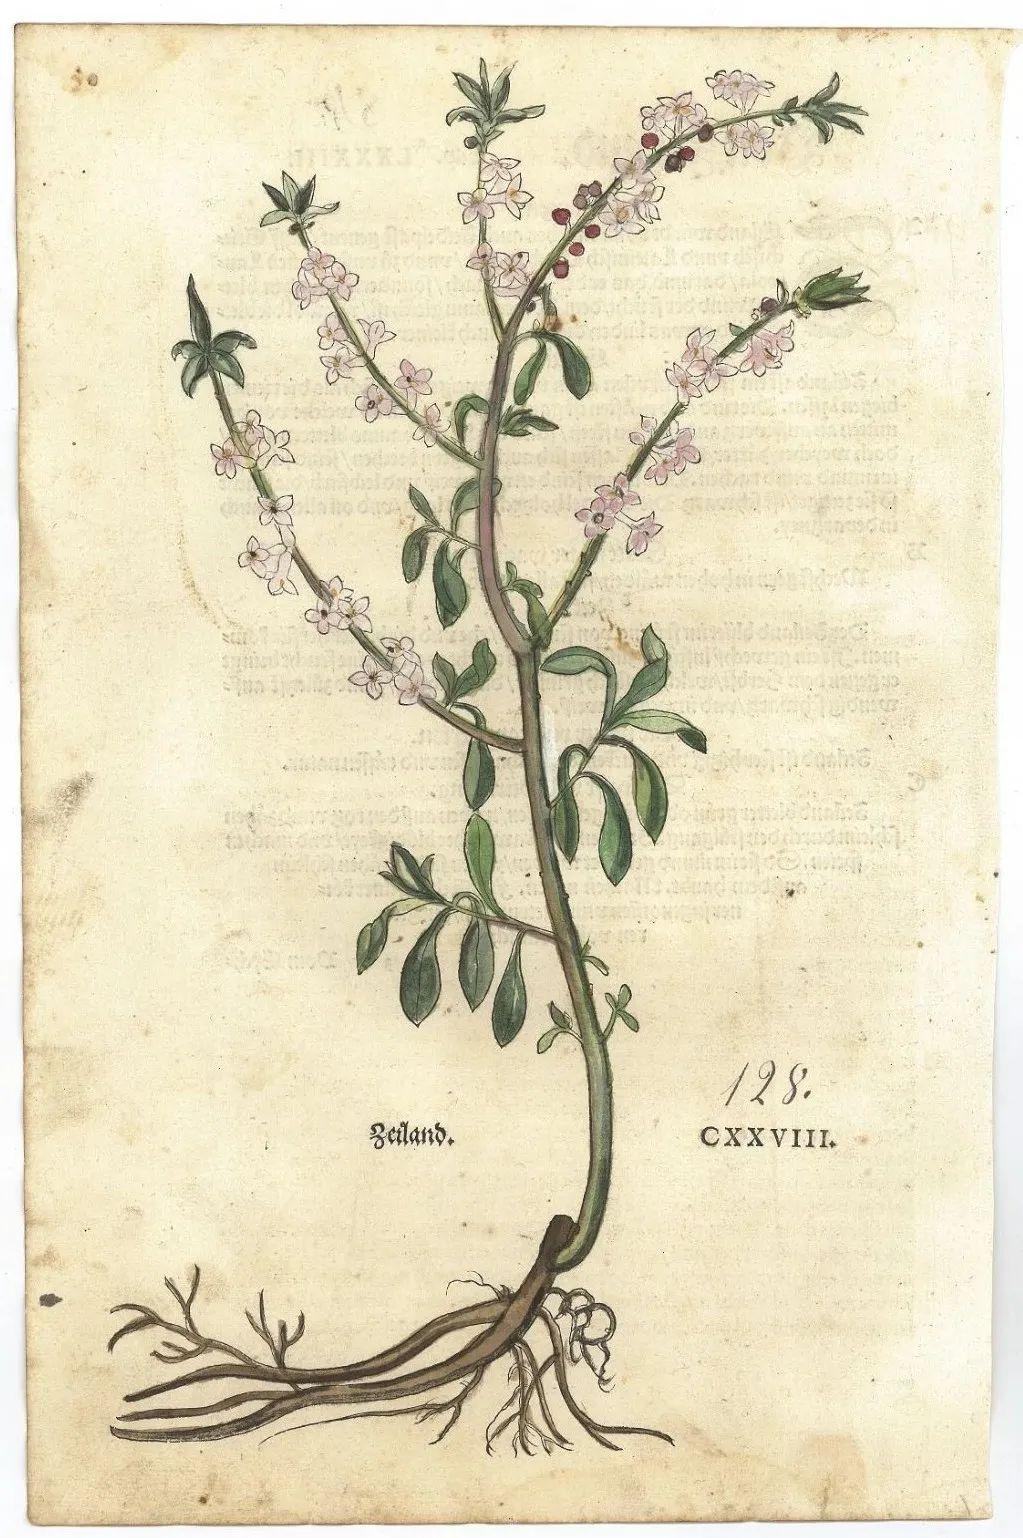 释展丨蒋澈:草药典籍中的植物图像